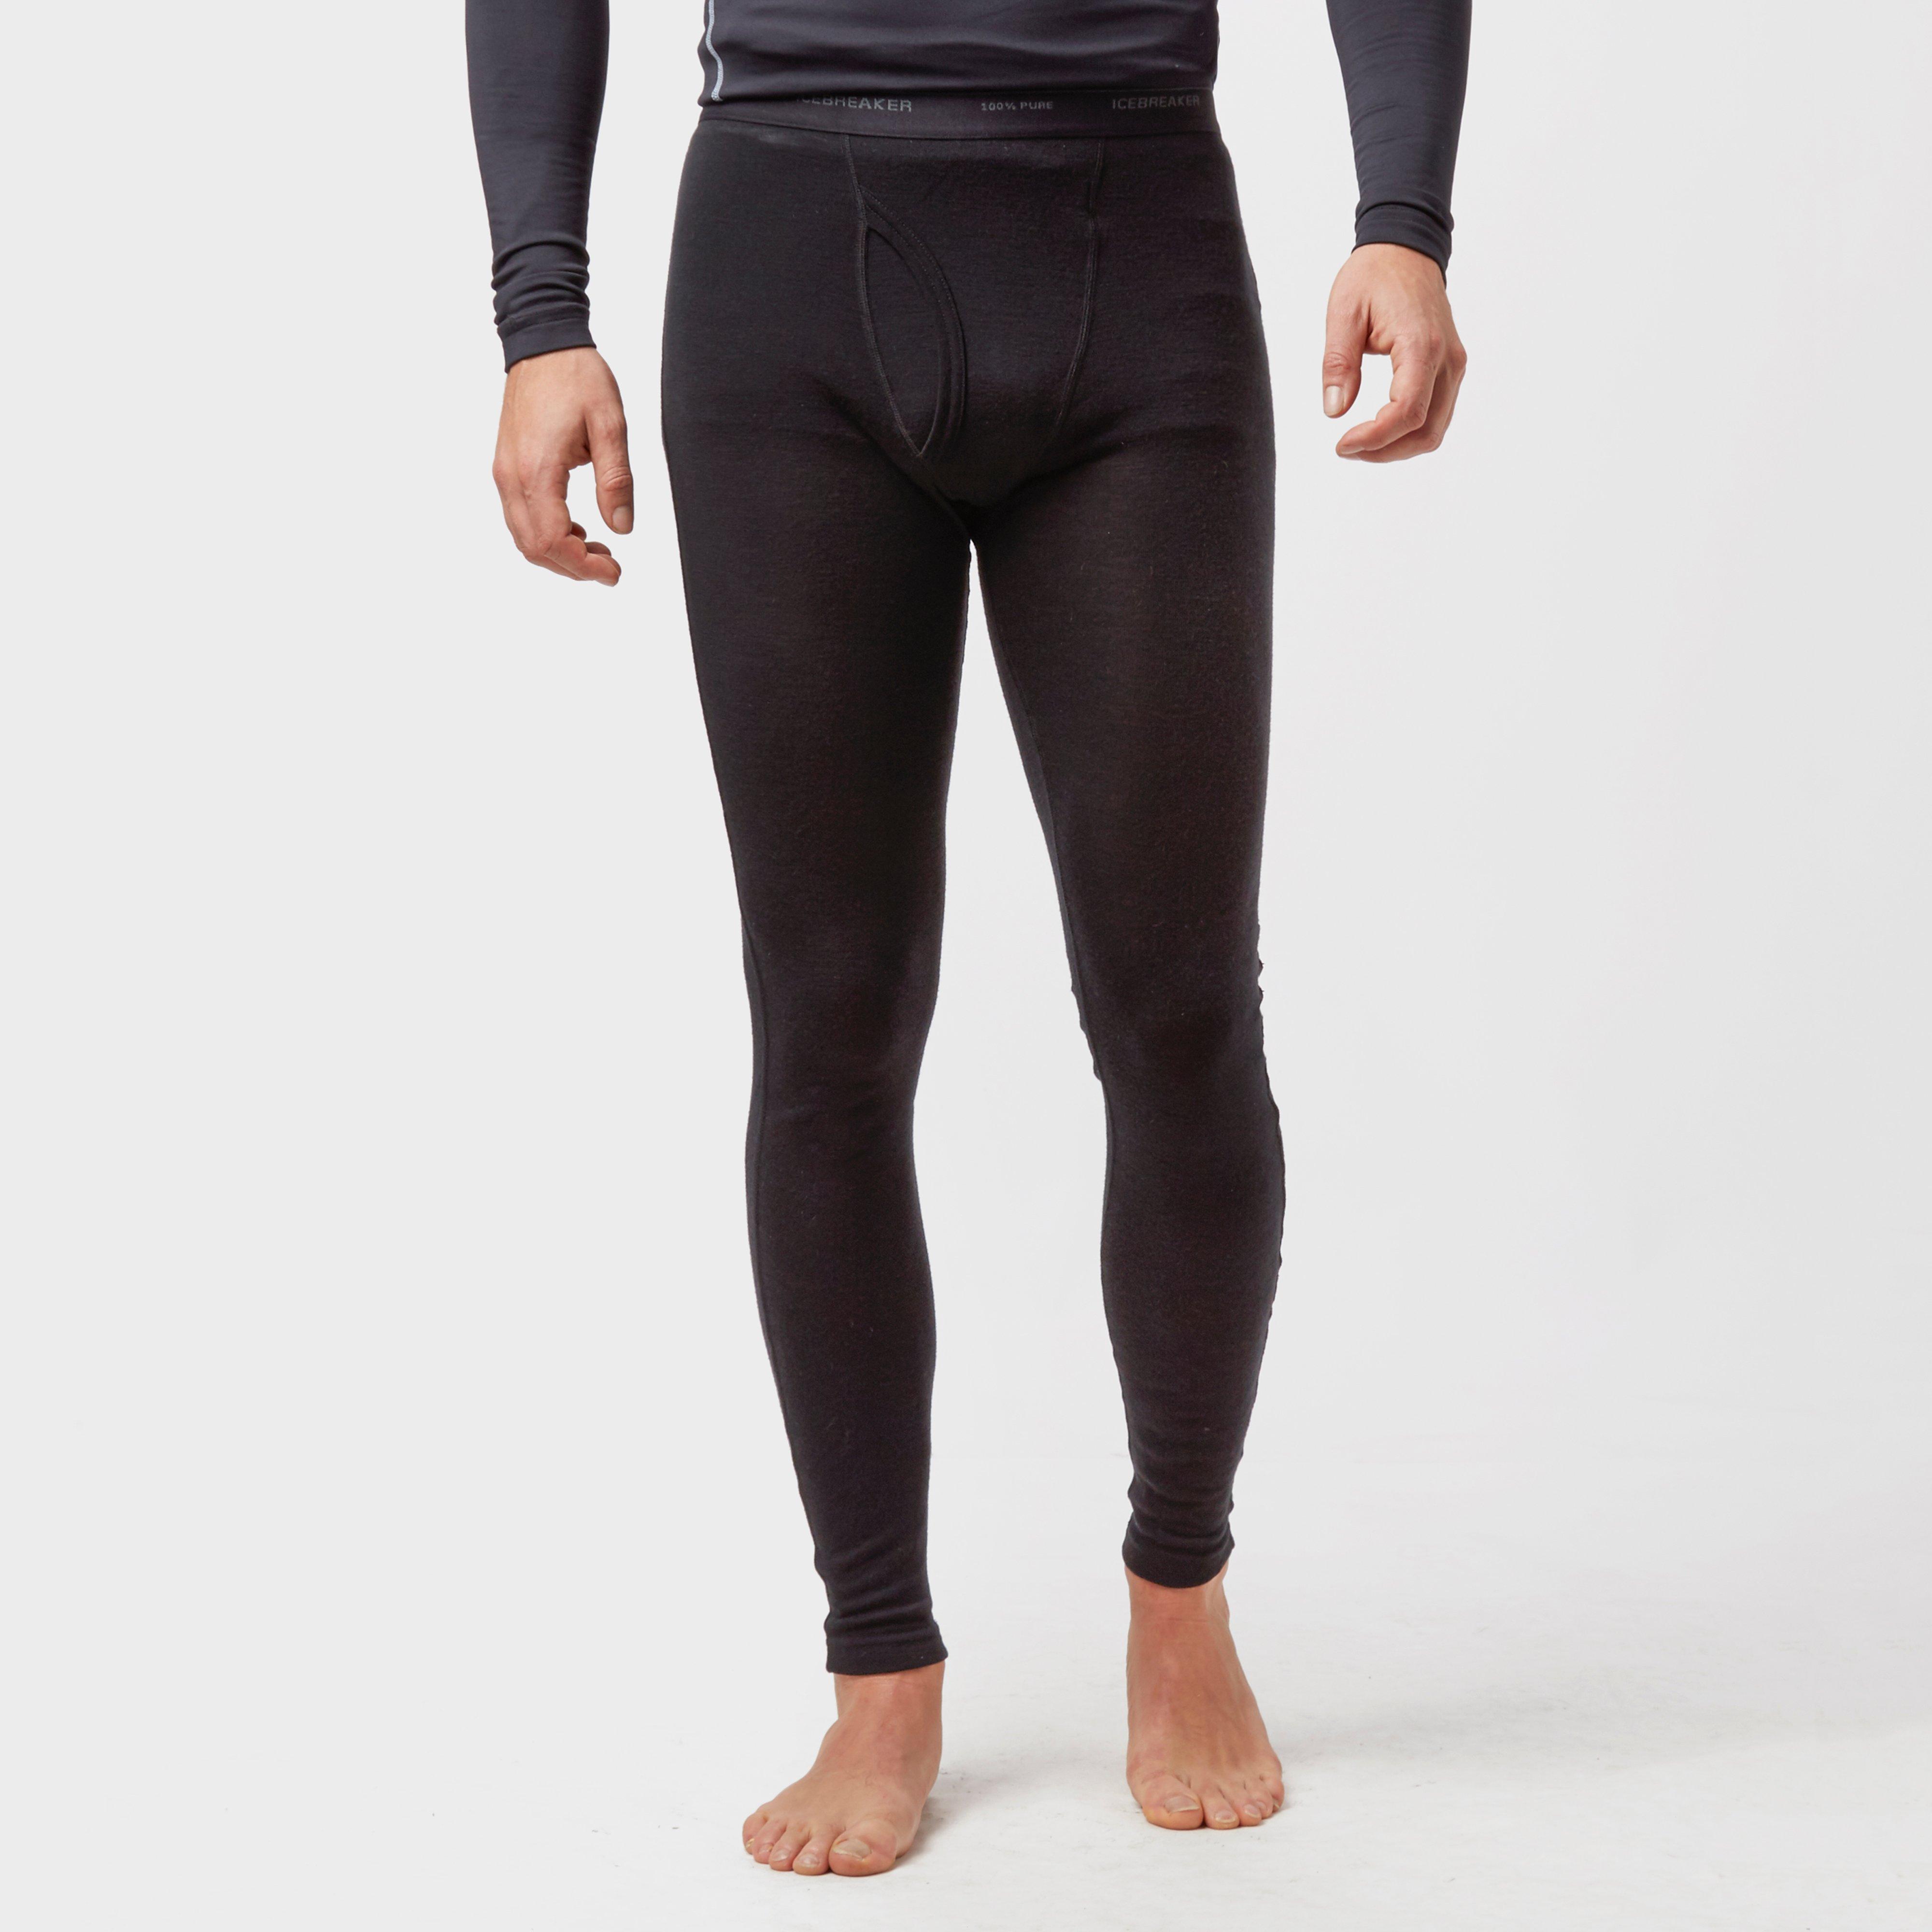 Icebreaker Mens Everyday Leggings Black